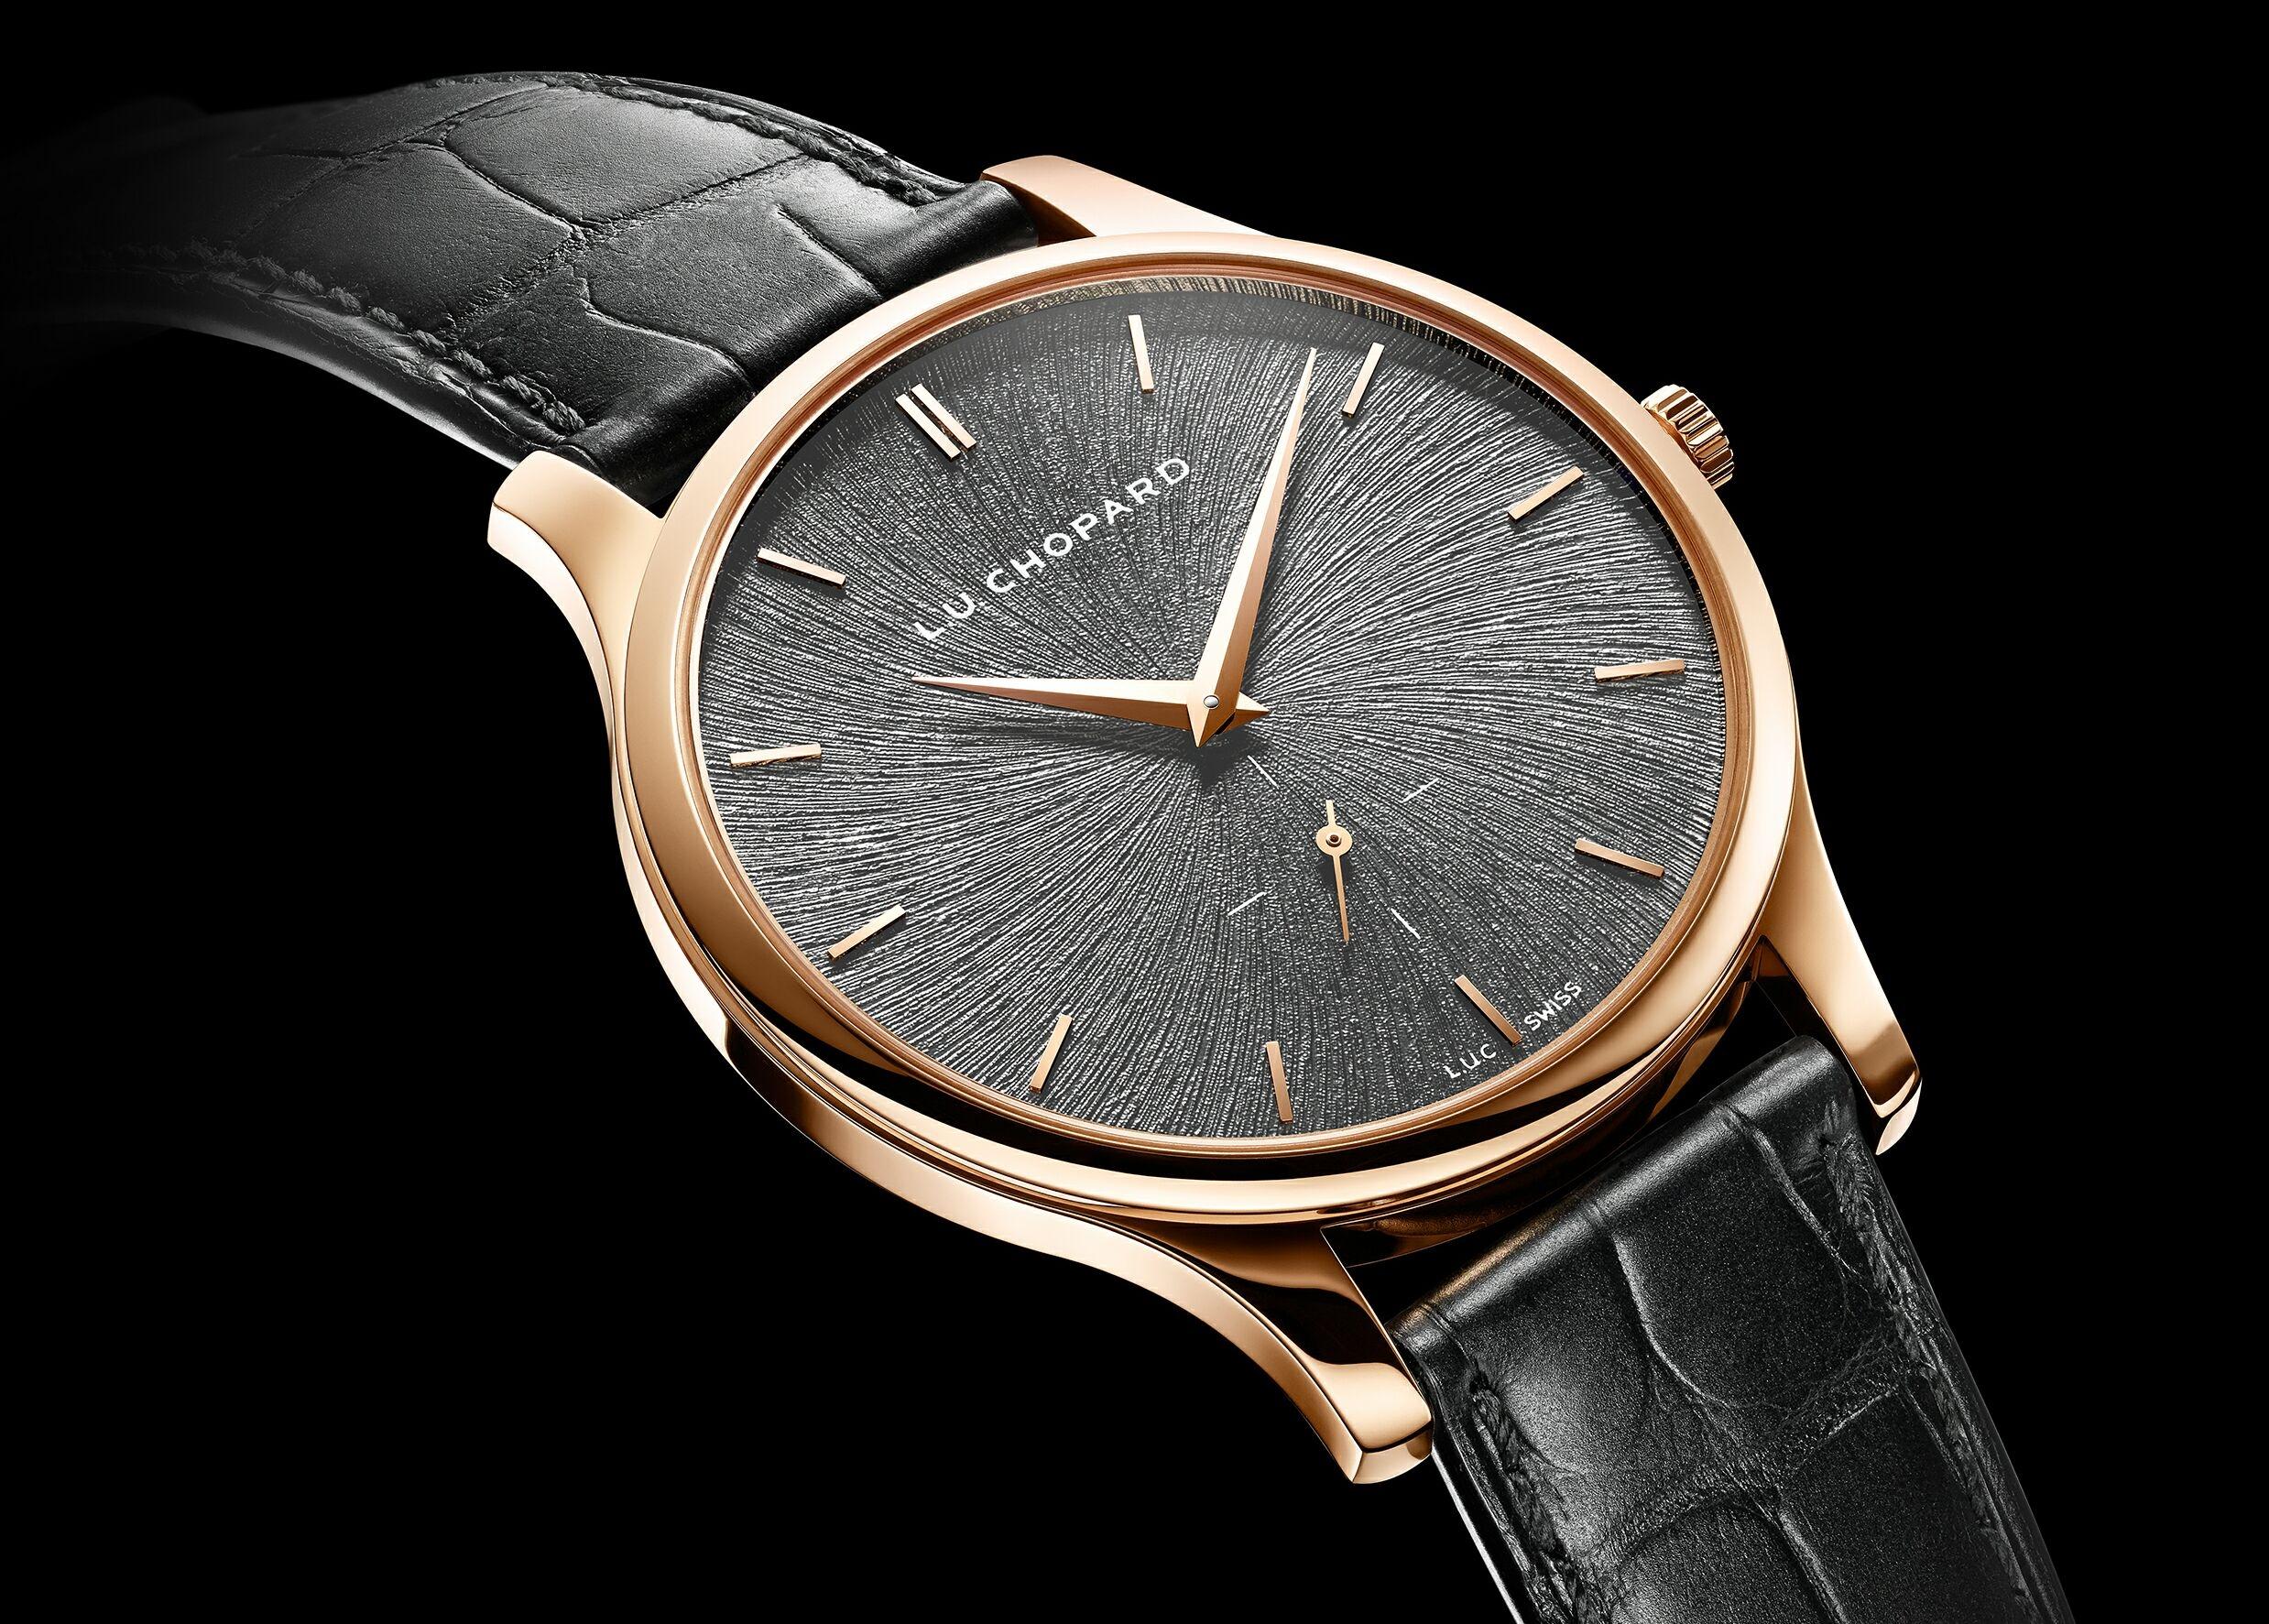 精準典雅、奢華有道:蕭邦L.U.C XPS Fairmined腕錶採用「公平採礦」認證的金原料製成